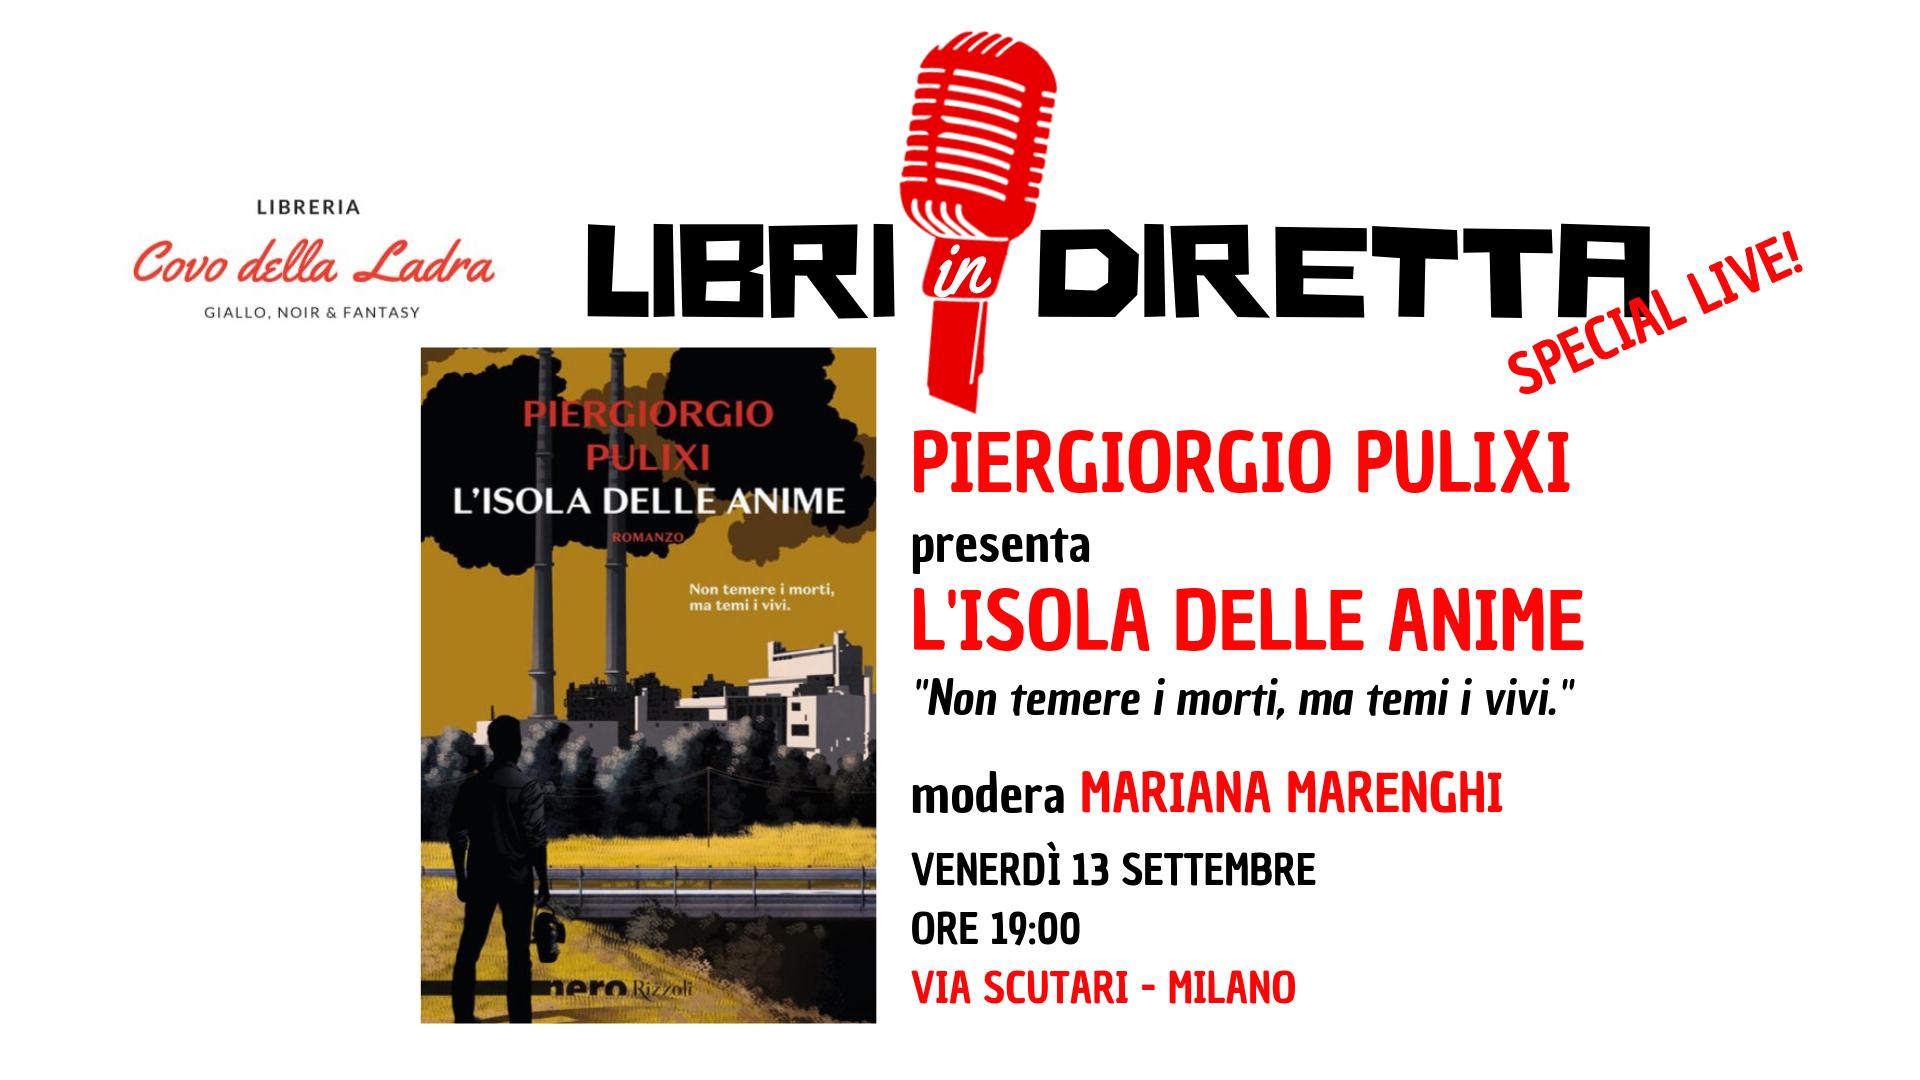 Libri in diretta con Piergiorgio Pulixi